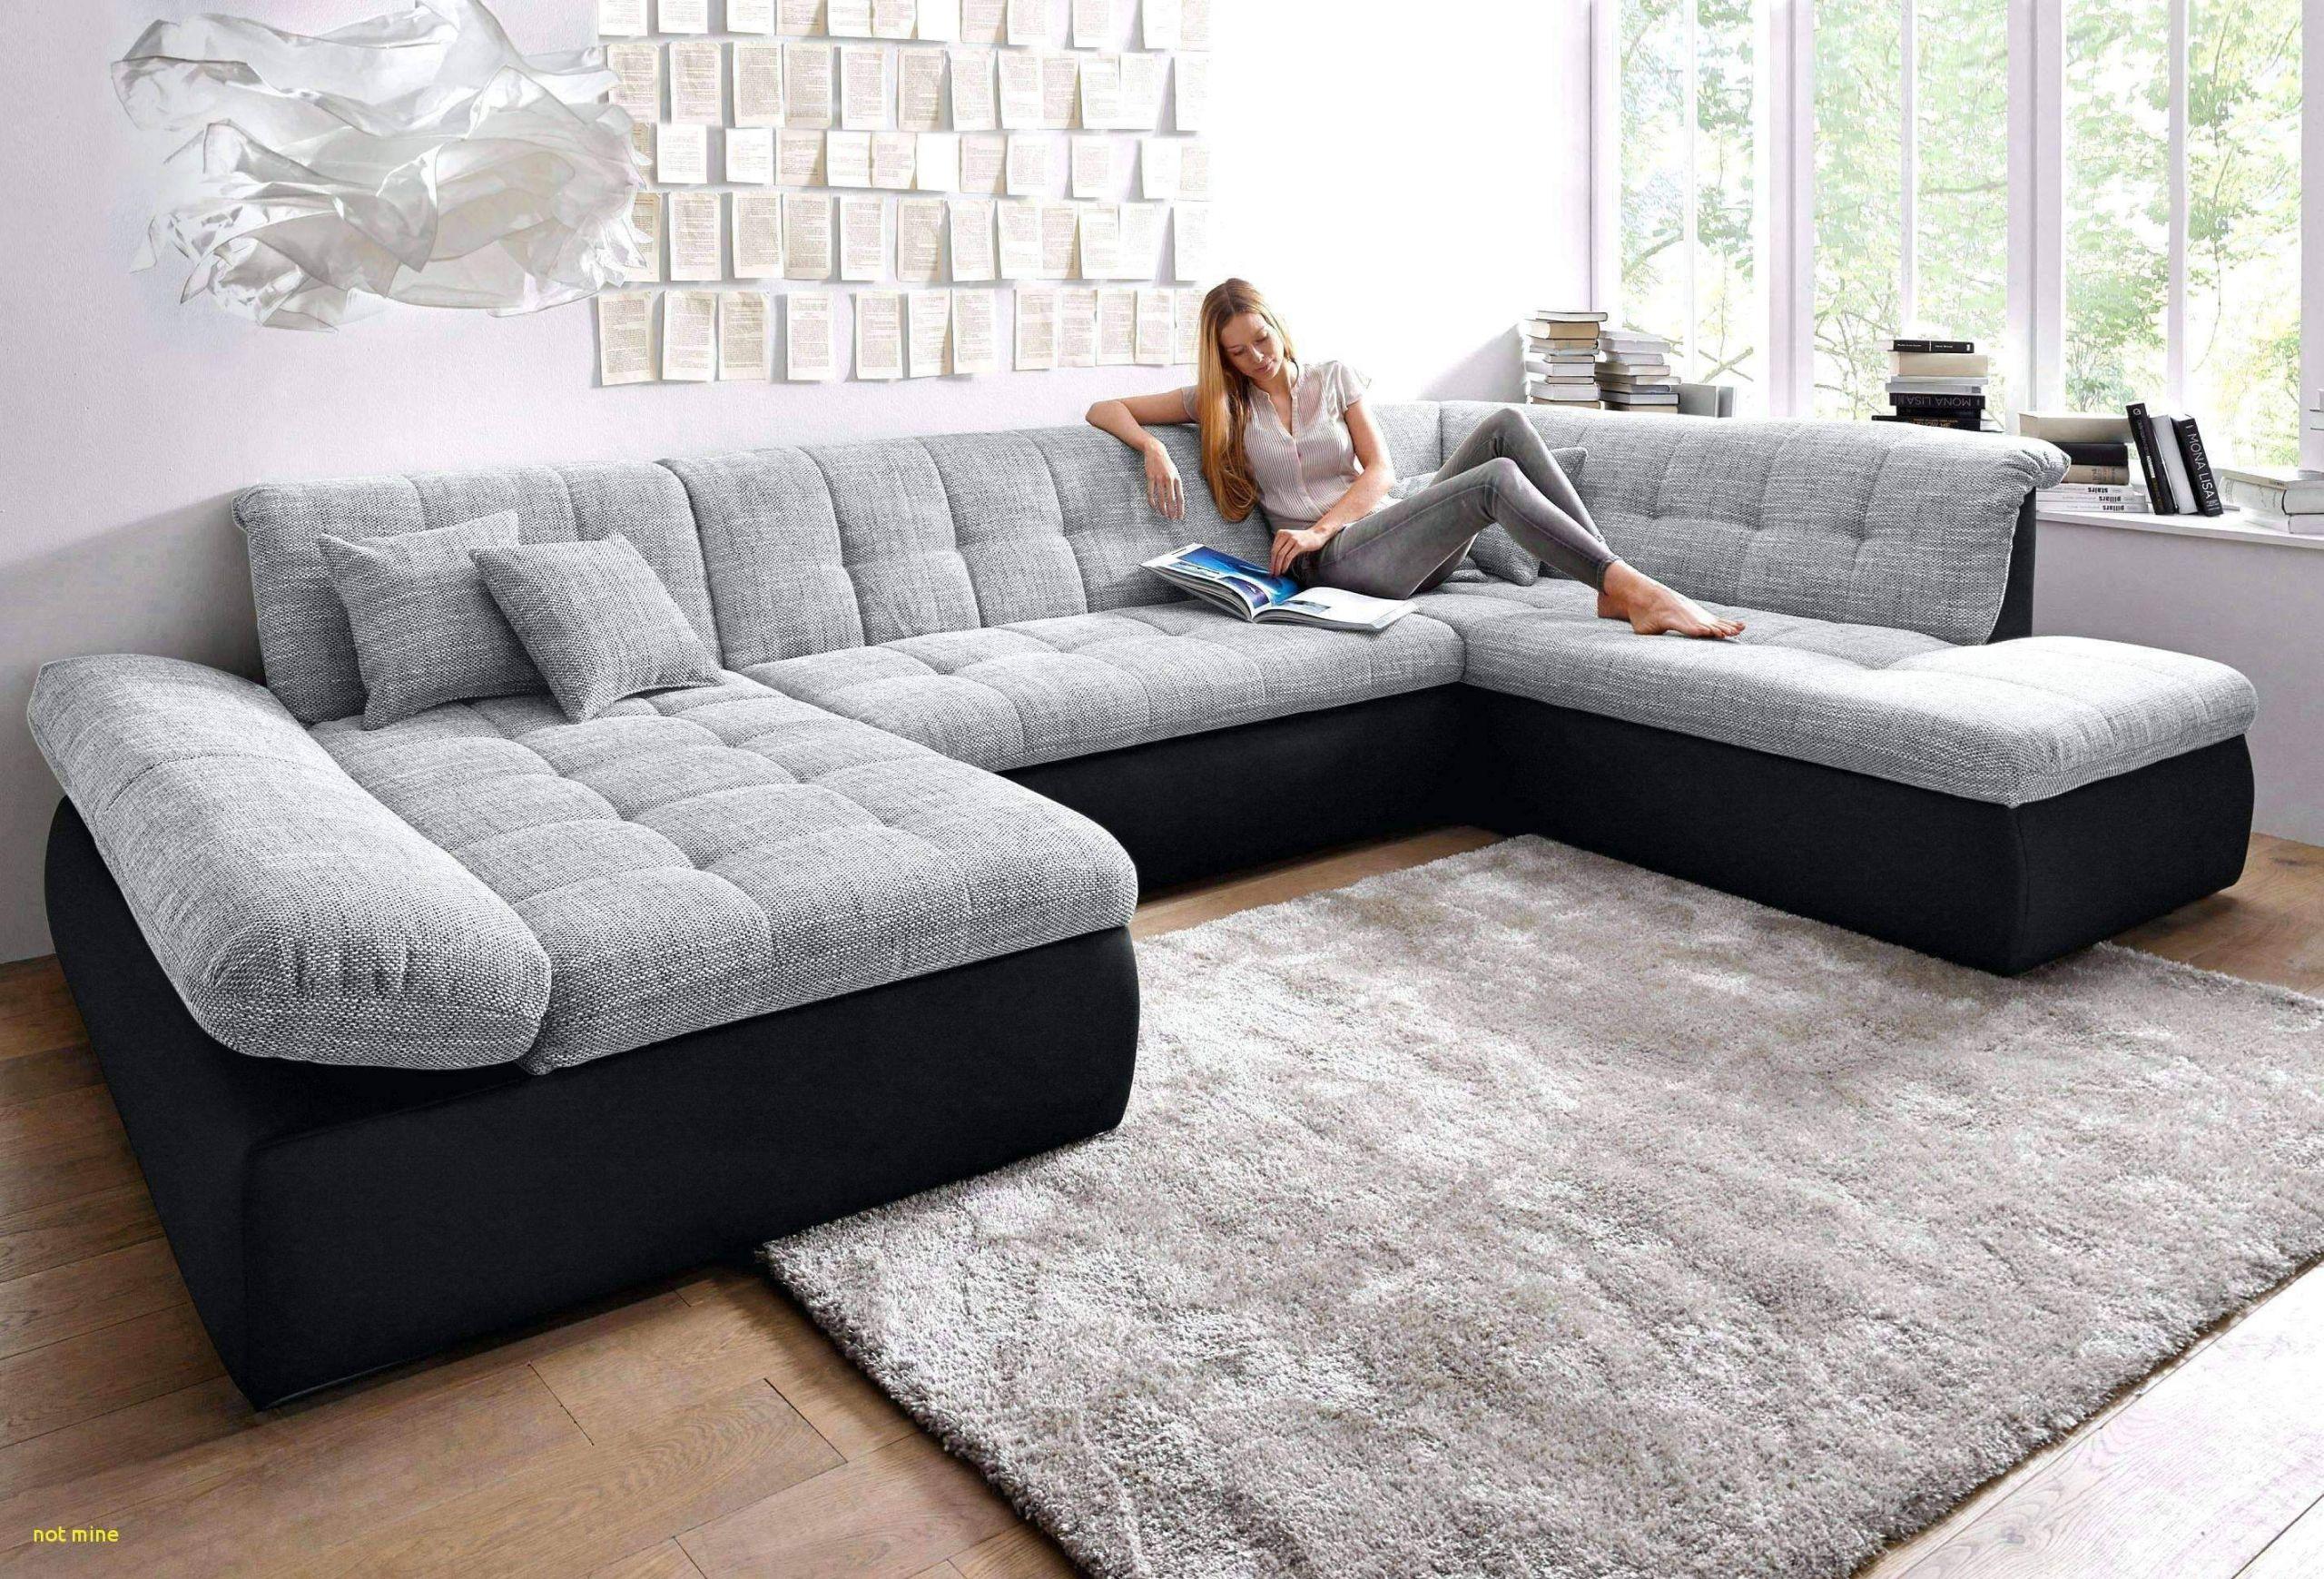 otto wohnzimmer sofa elegant super wohnzimmer ideen otto konzept of otto wohnzimmer sofa